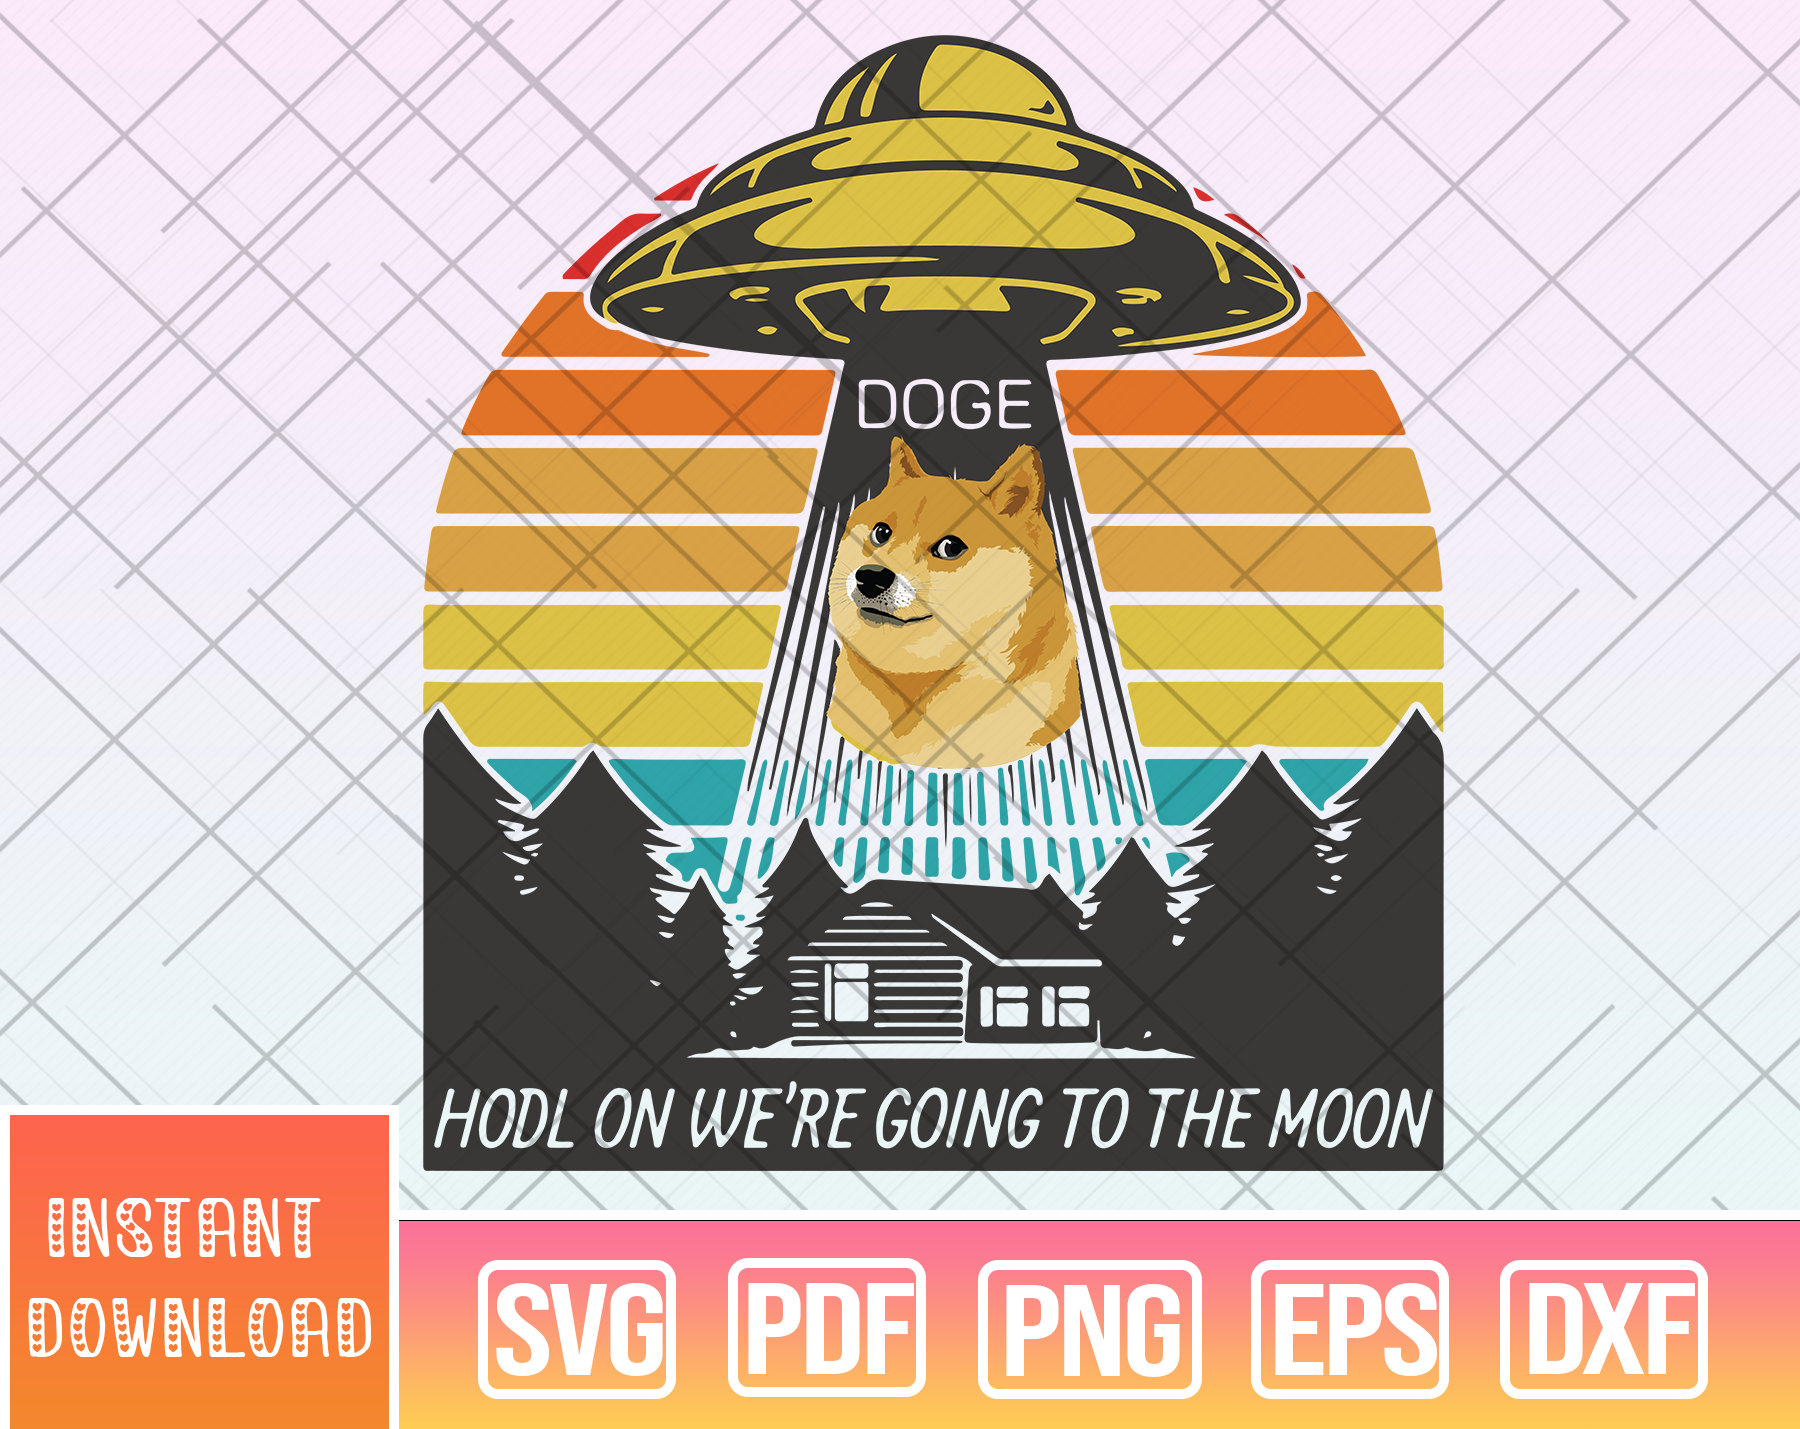 Doge Meme Stonks Svg Dogecoin Meme Svg Dogecoin Svg Stonks | Etsy